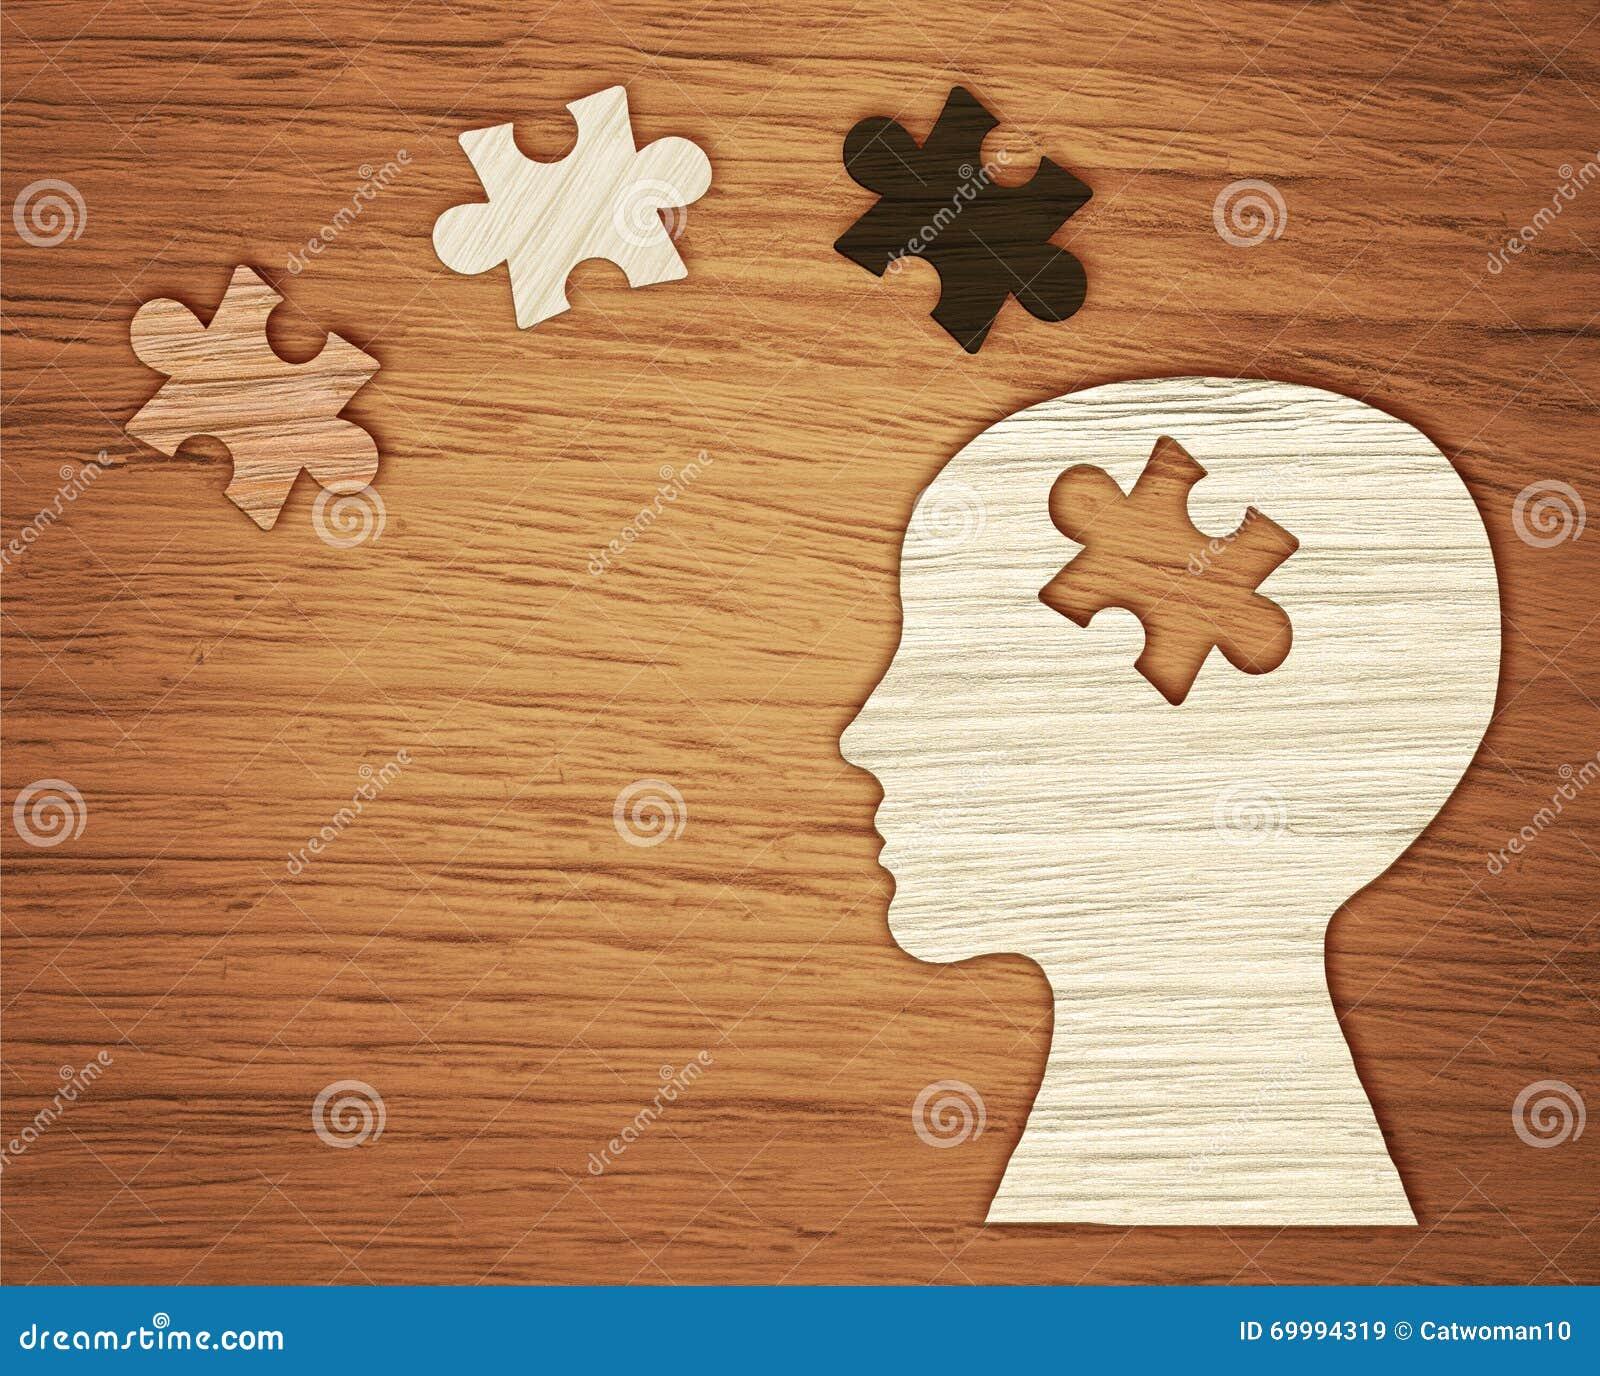 Zdrowie Psychiczne symbol Ludzkiej głowy sylwetka z łamigłówką